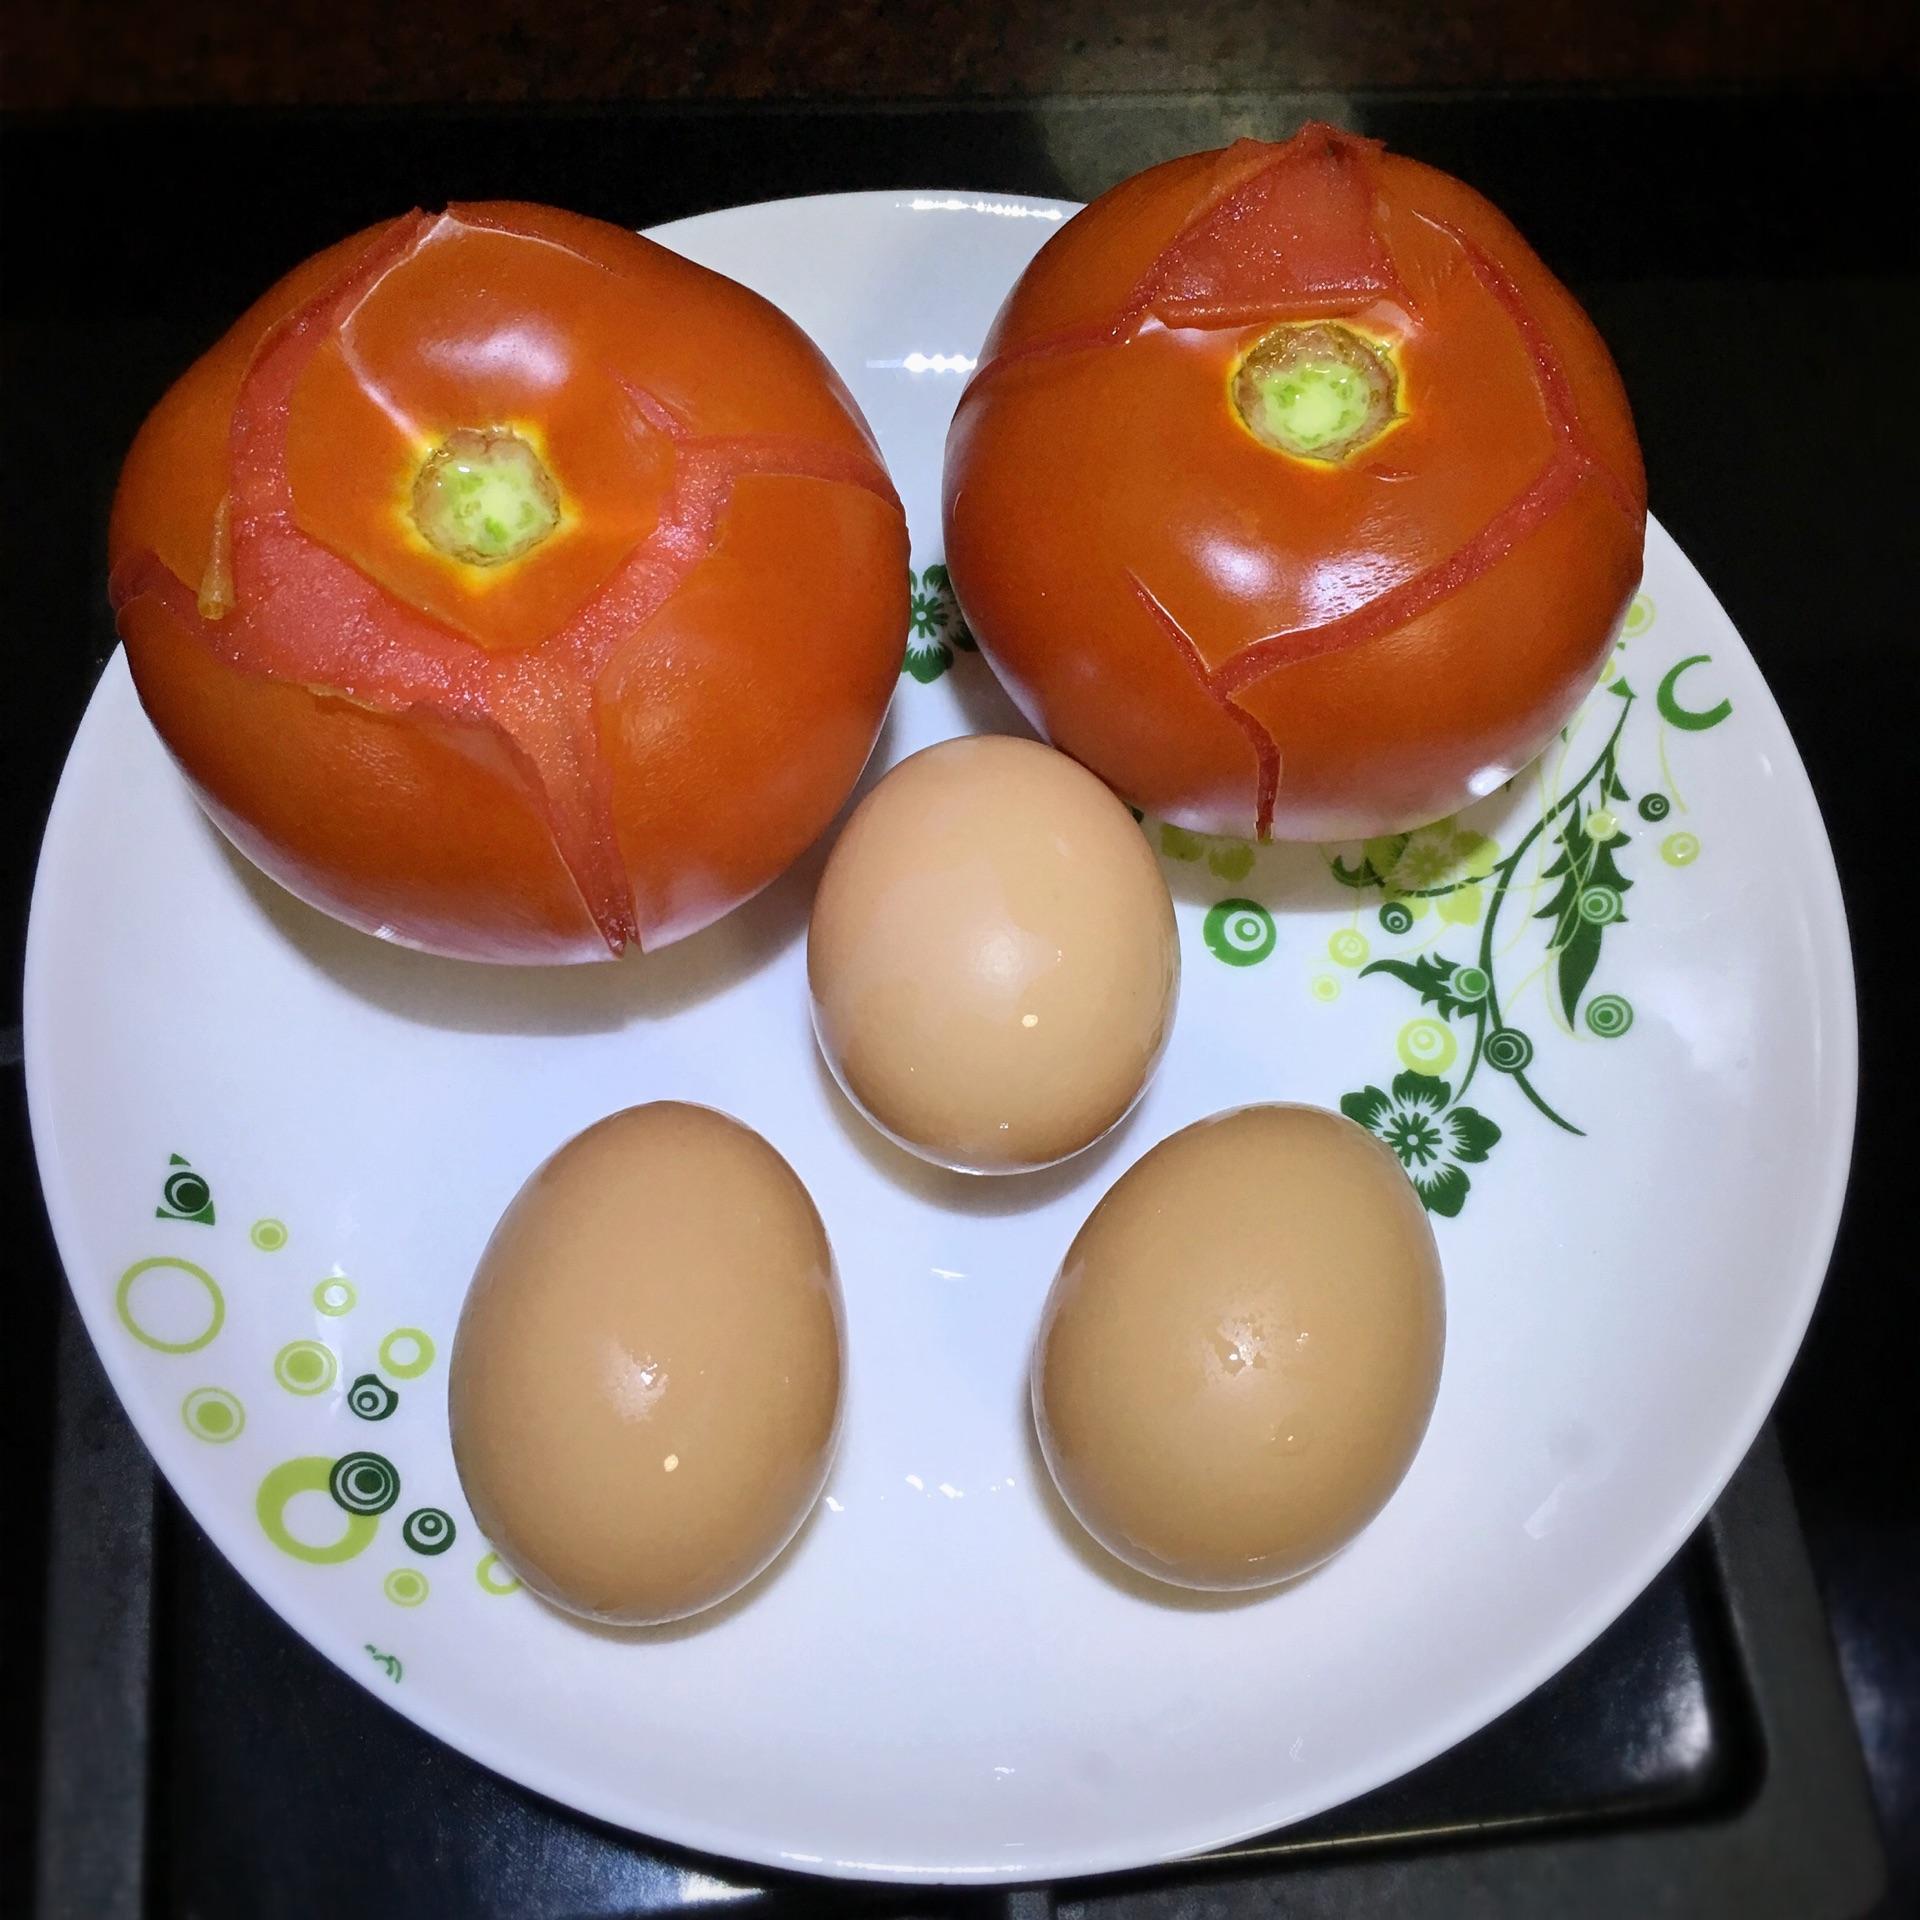 西红柿鸡蛋简笔画